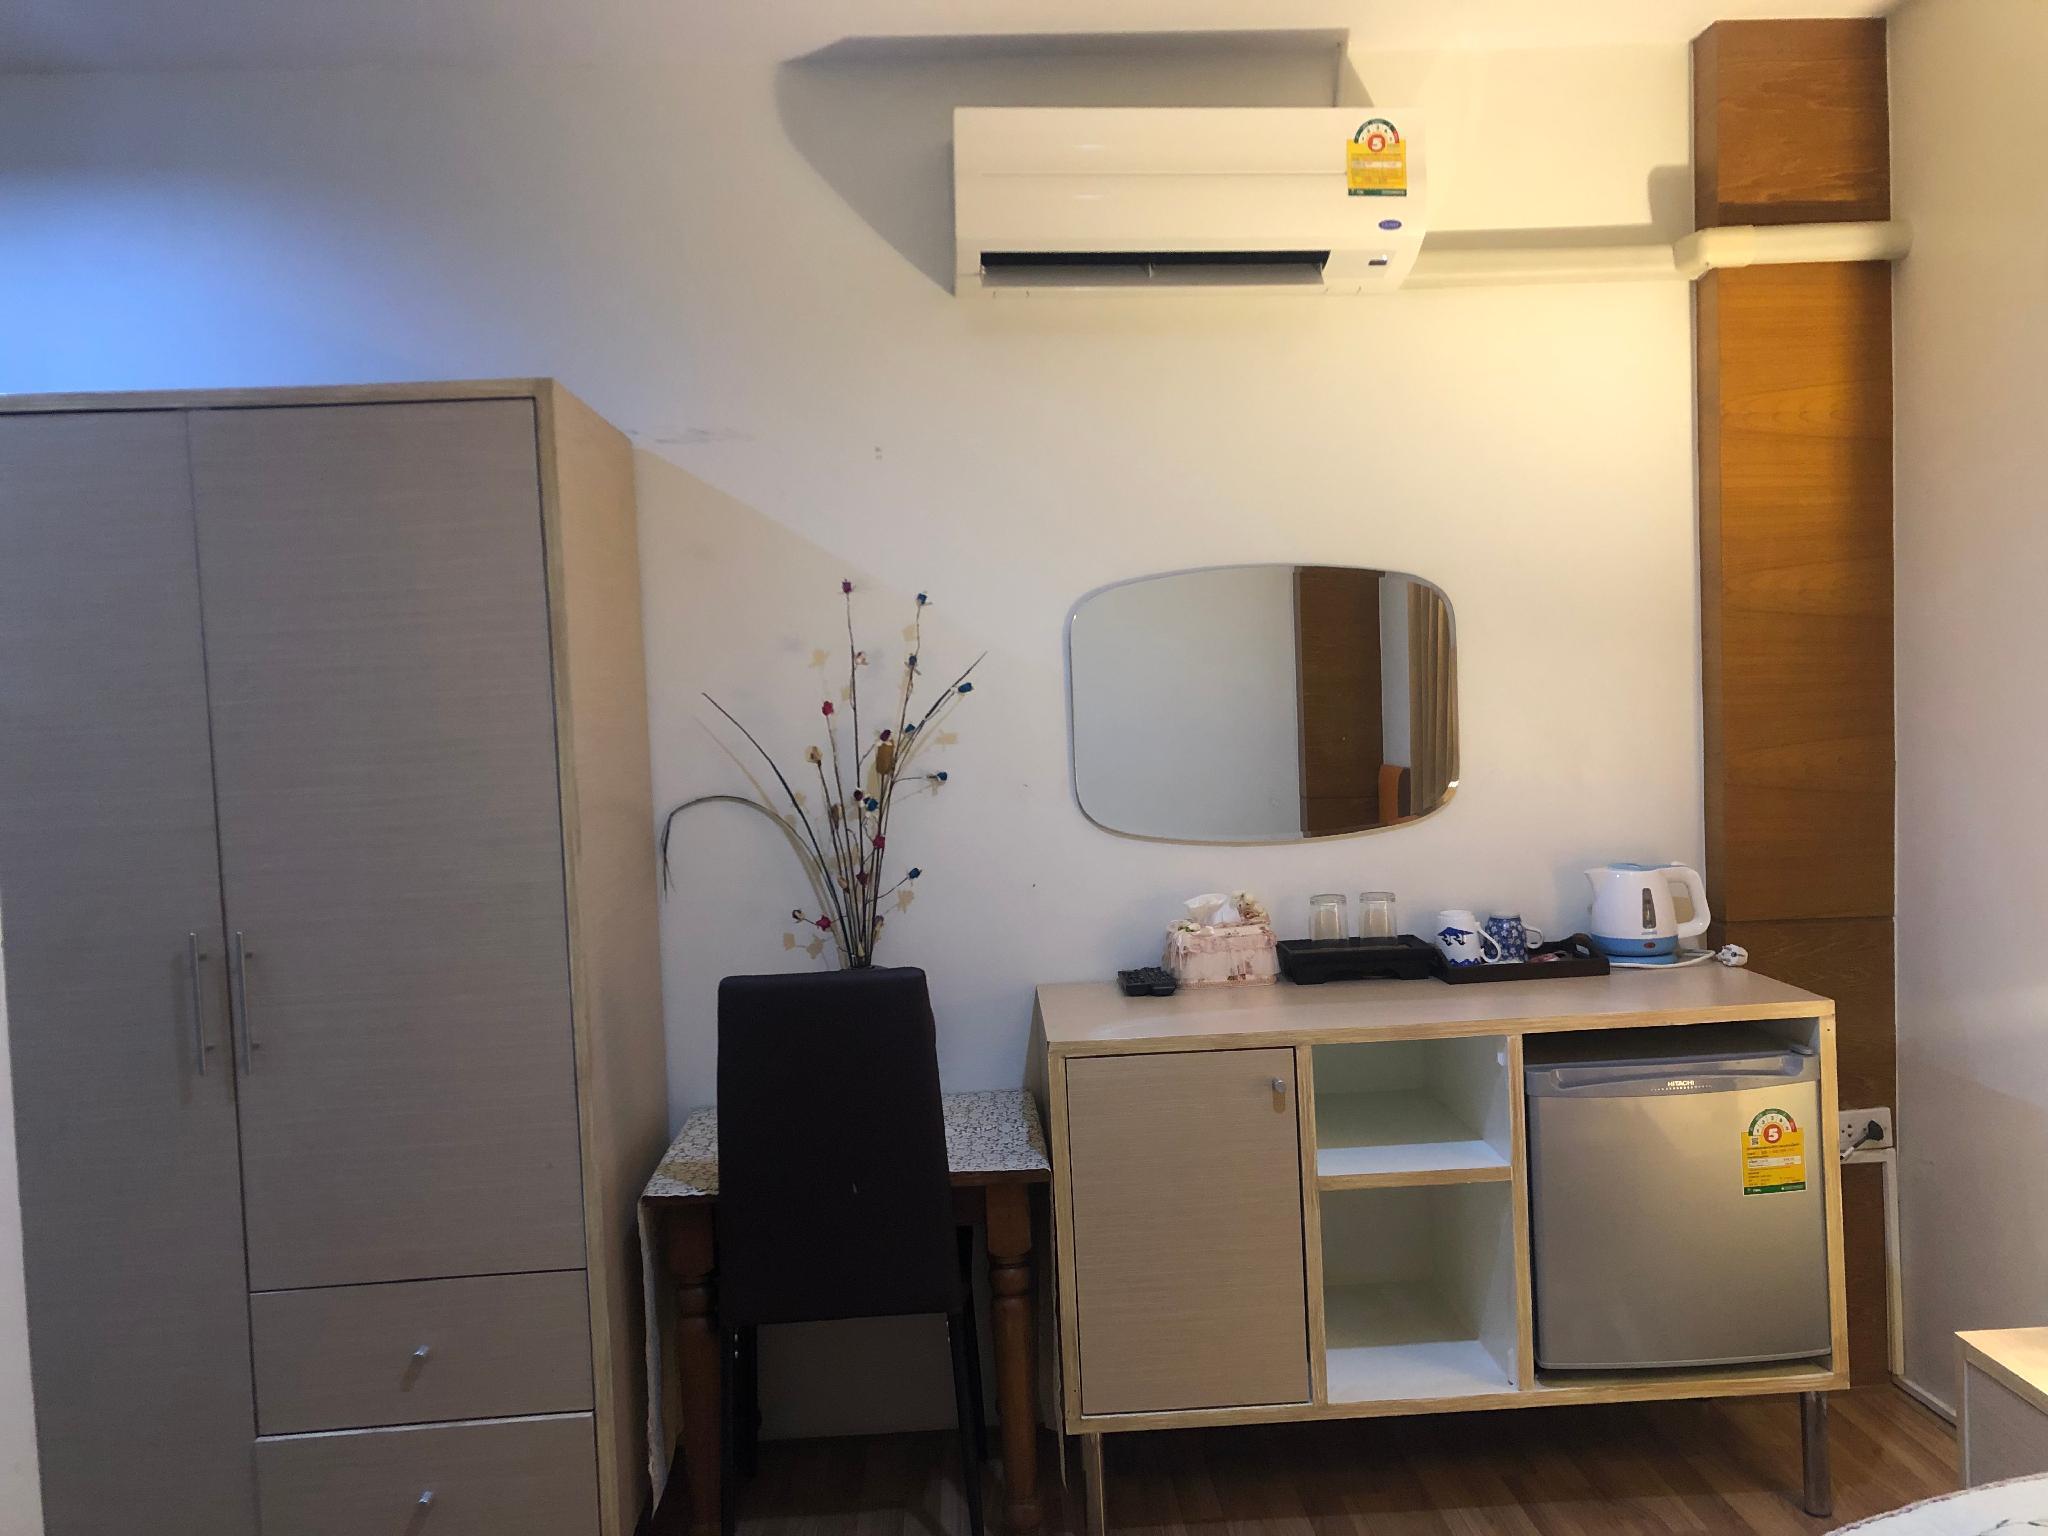 Lana place อพาร์ตเมนต์ 1 ห้องนอน 1 ห้องน้ำส่วนตัว ขนาด 16 ตร.ม. – ธนบุรีตอนใต้